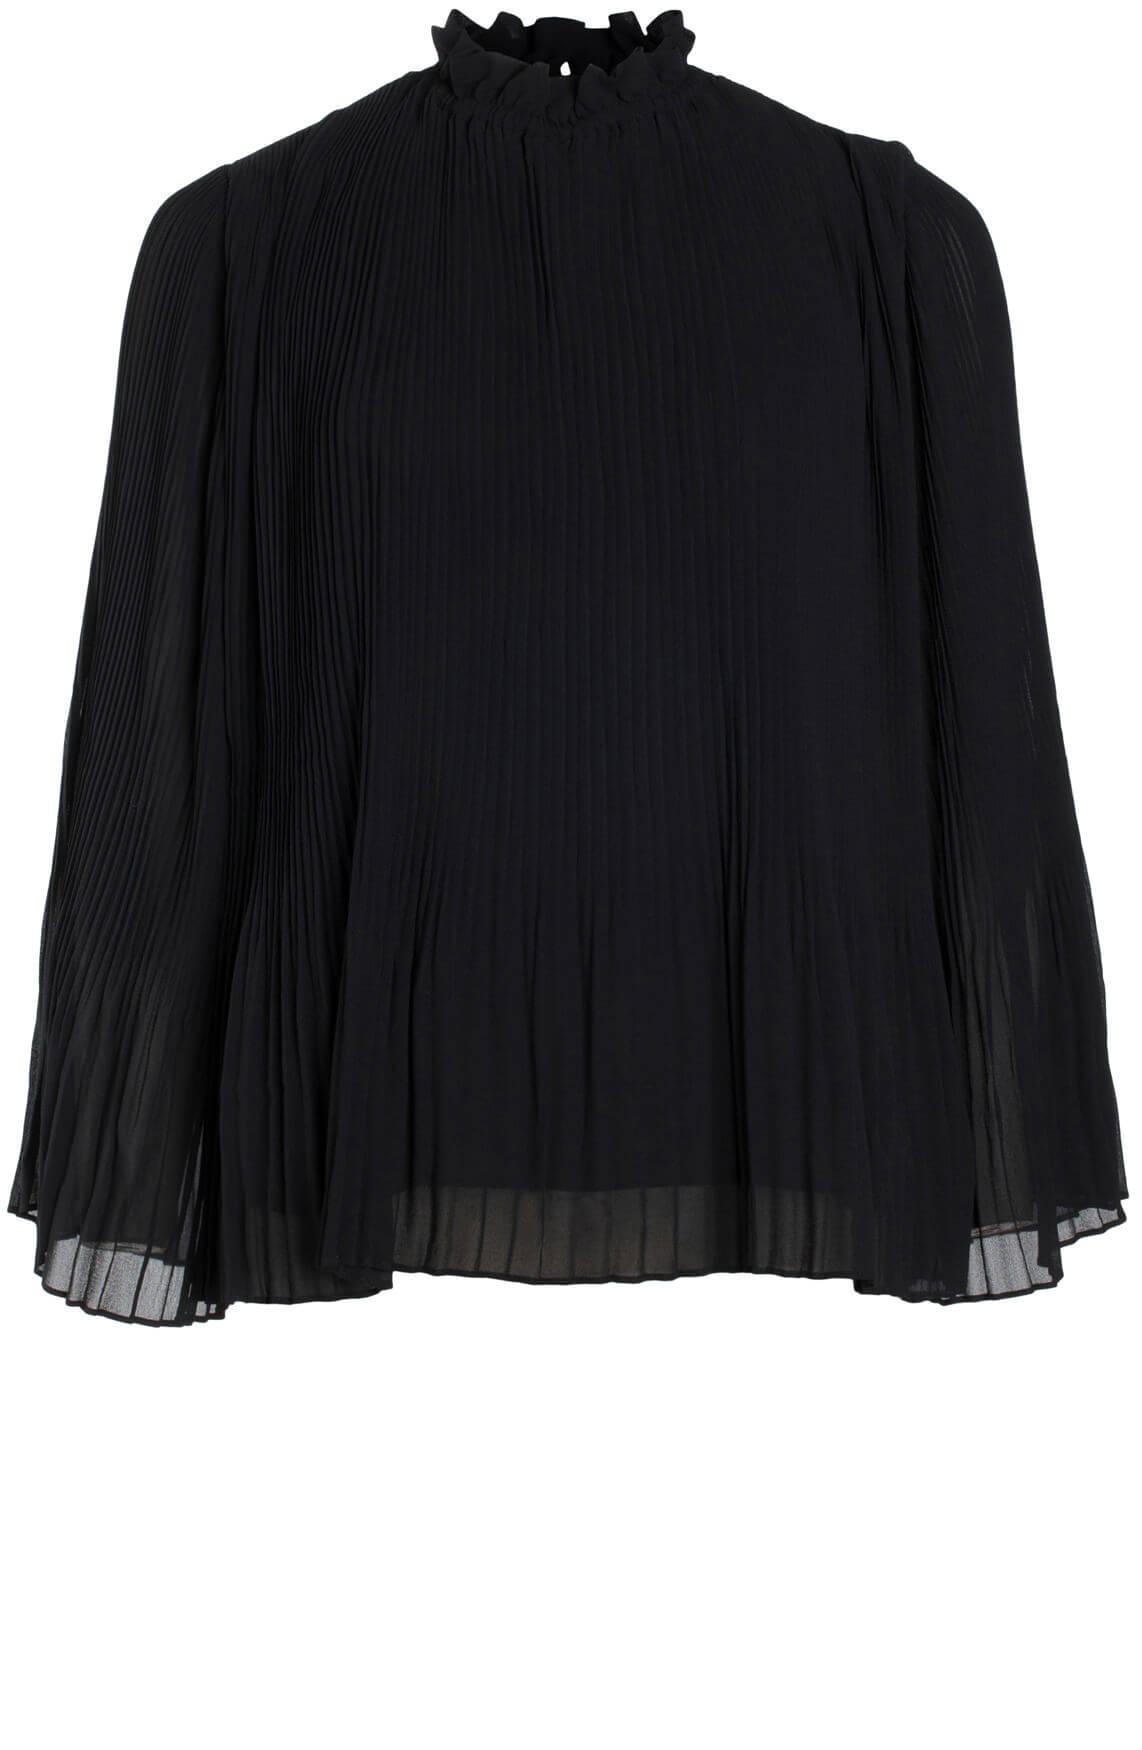 Samsoe Samsoe Dames Malie geplisseerde blouse zwart